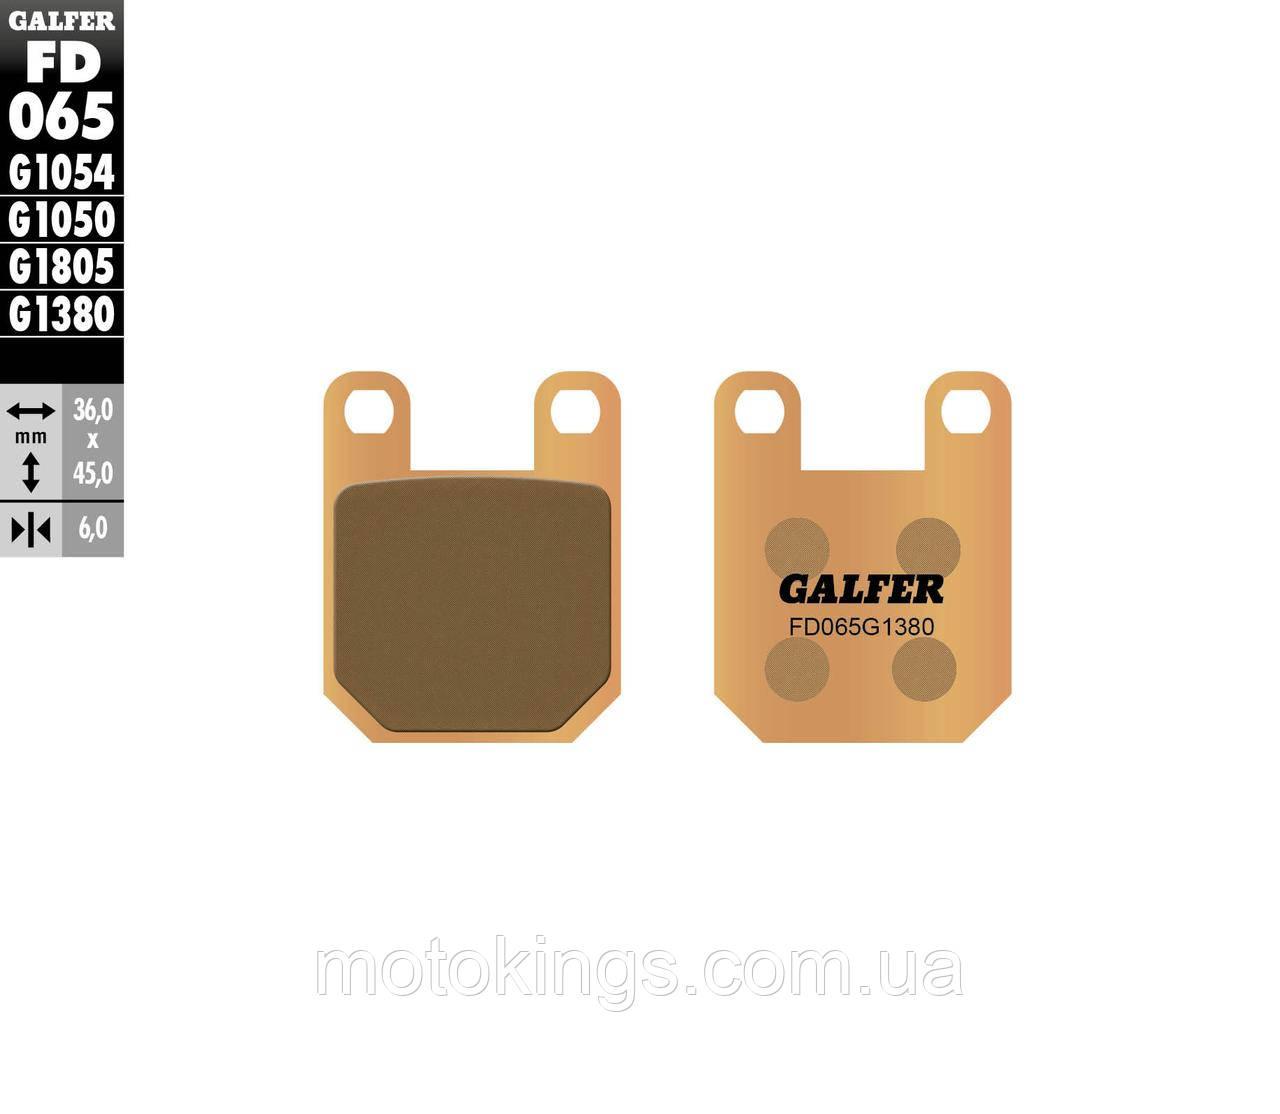 GALFER ТОРМОЗНЫЕ КОЛОДКИ    KH115  СКУТЕР (FD065G1380)